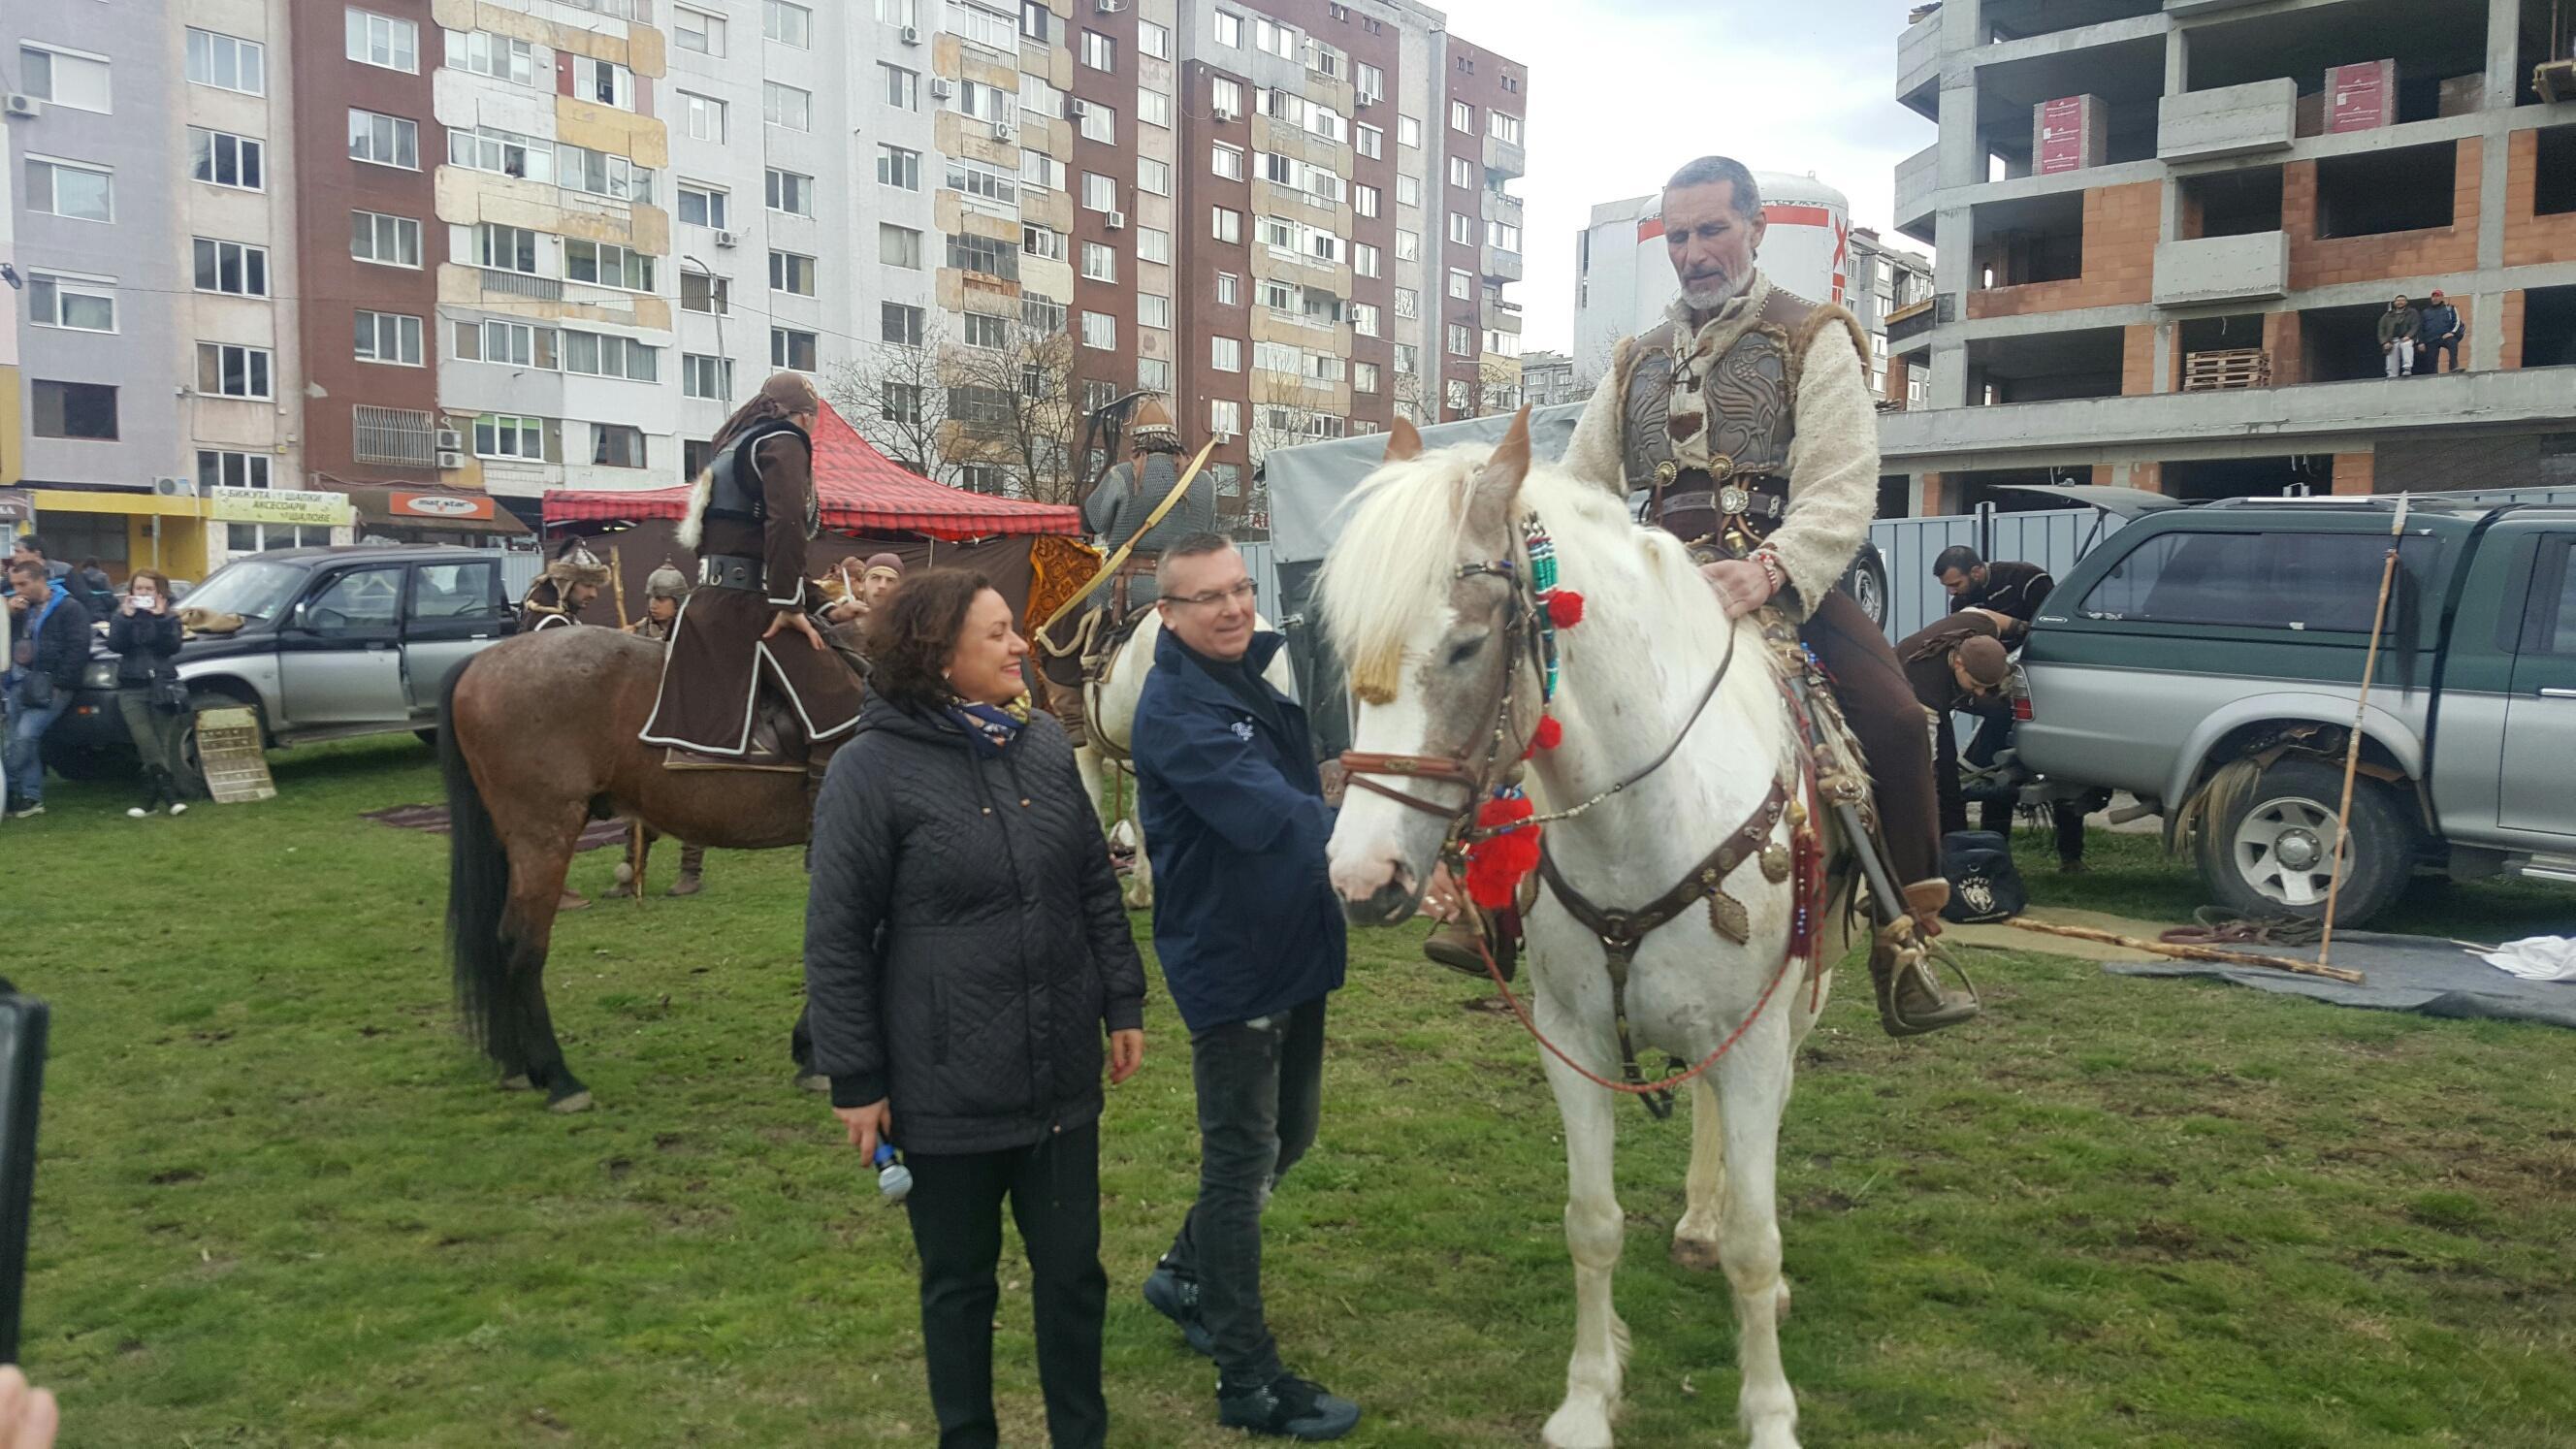 ГЕРБ-Бургас: Човекът, образованието и духовността са приоритет в програмата ни за развитие на България